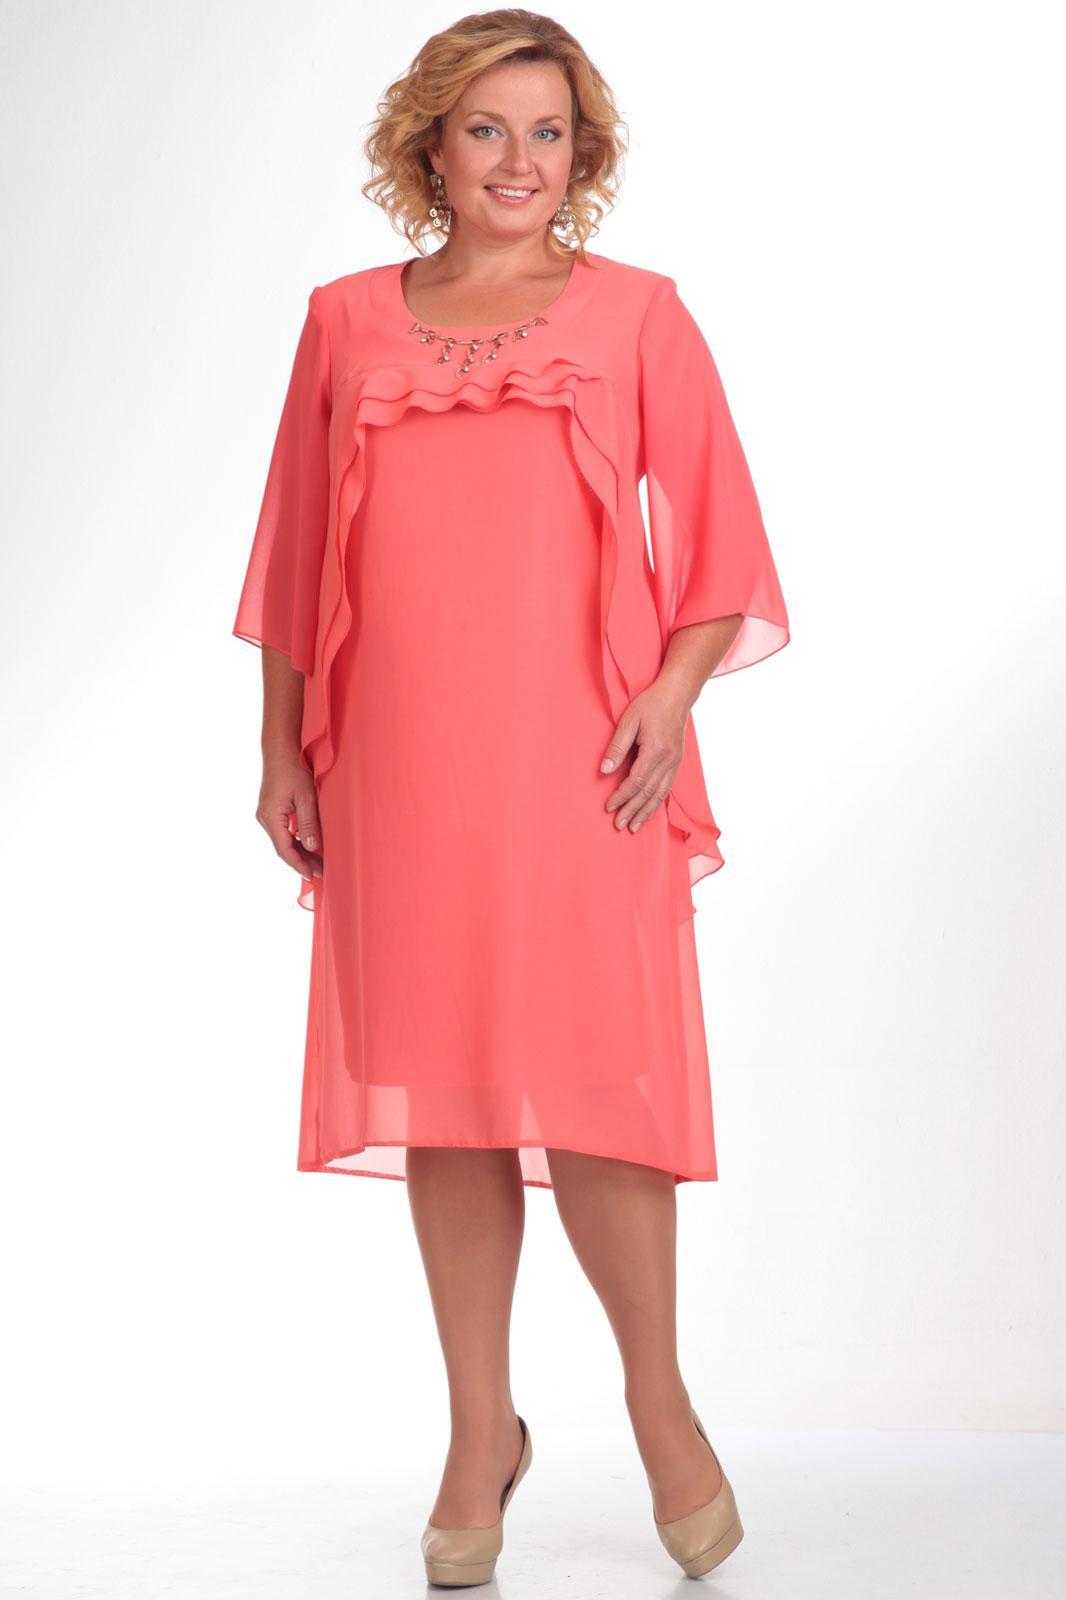 Купить Платье Pretty, 336 коралловый, Беларусь